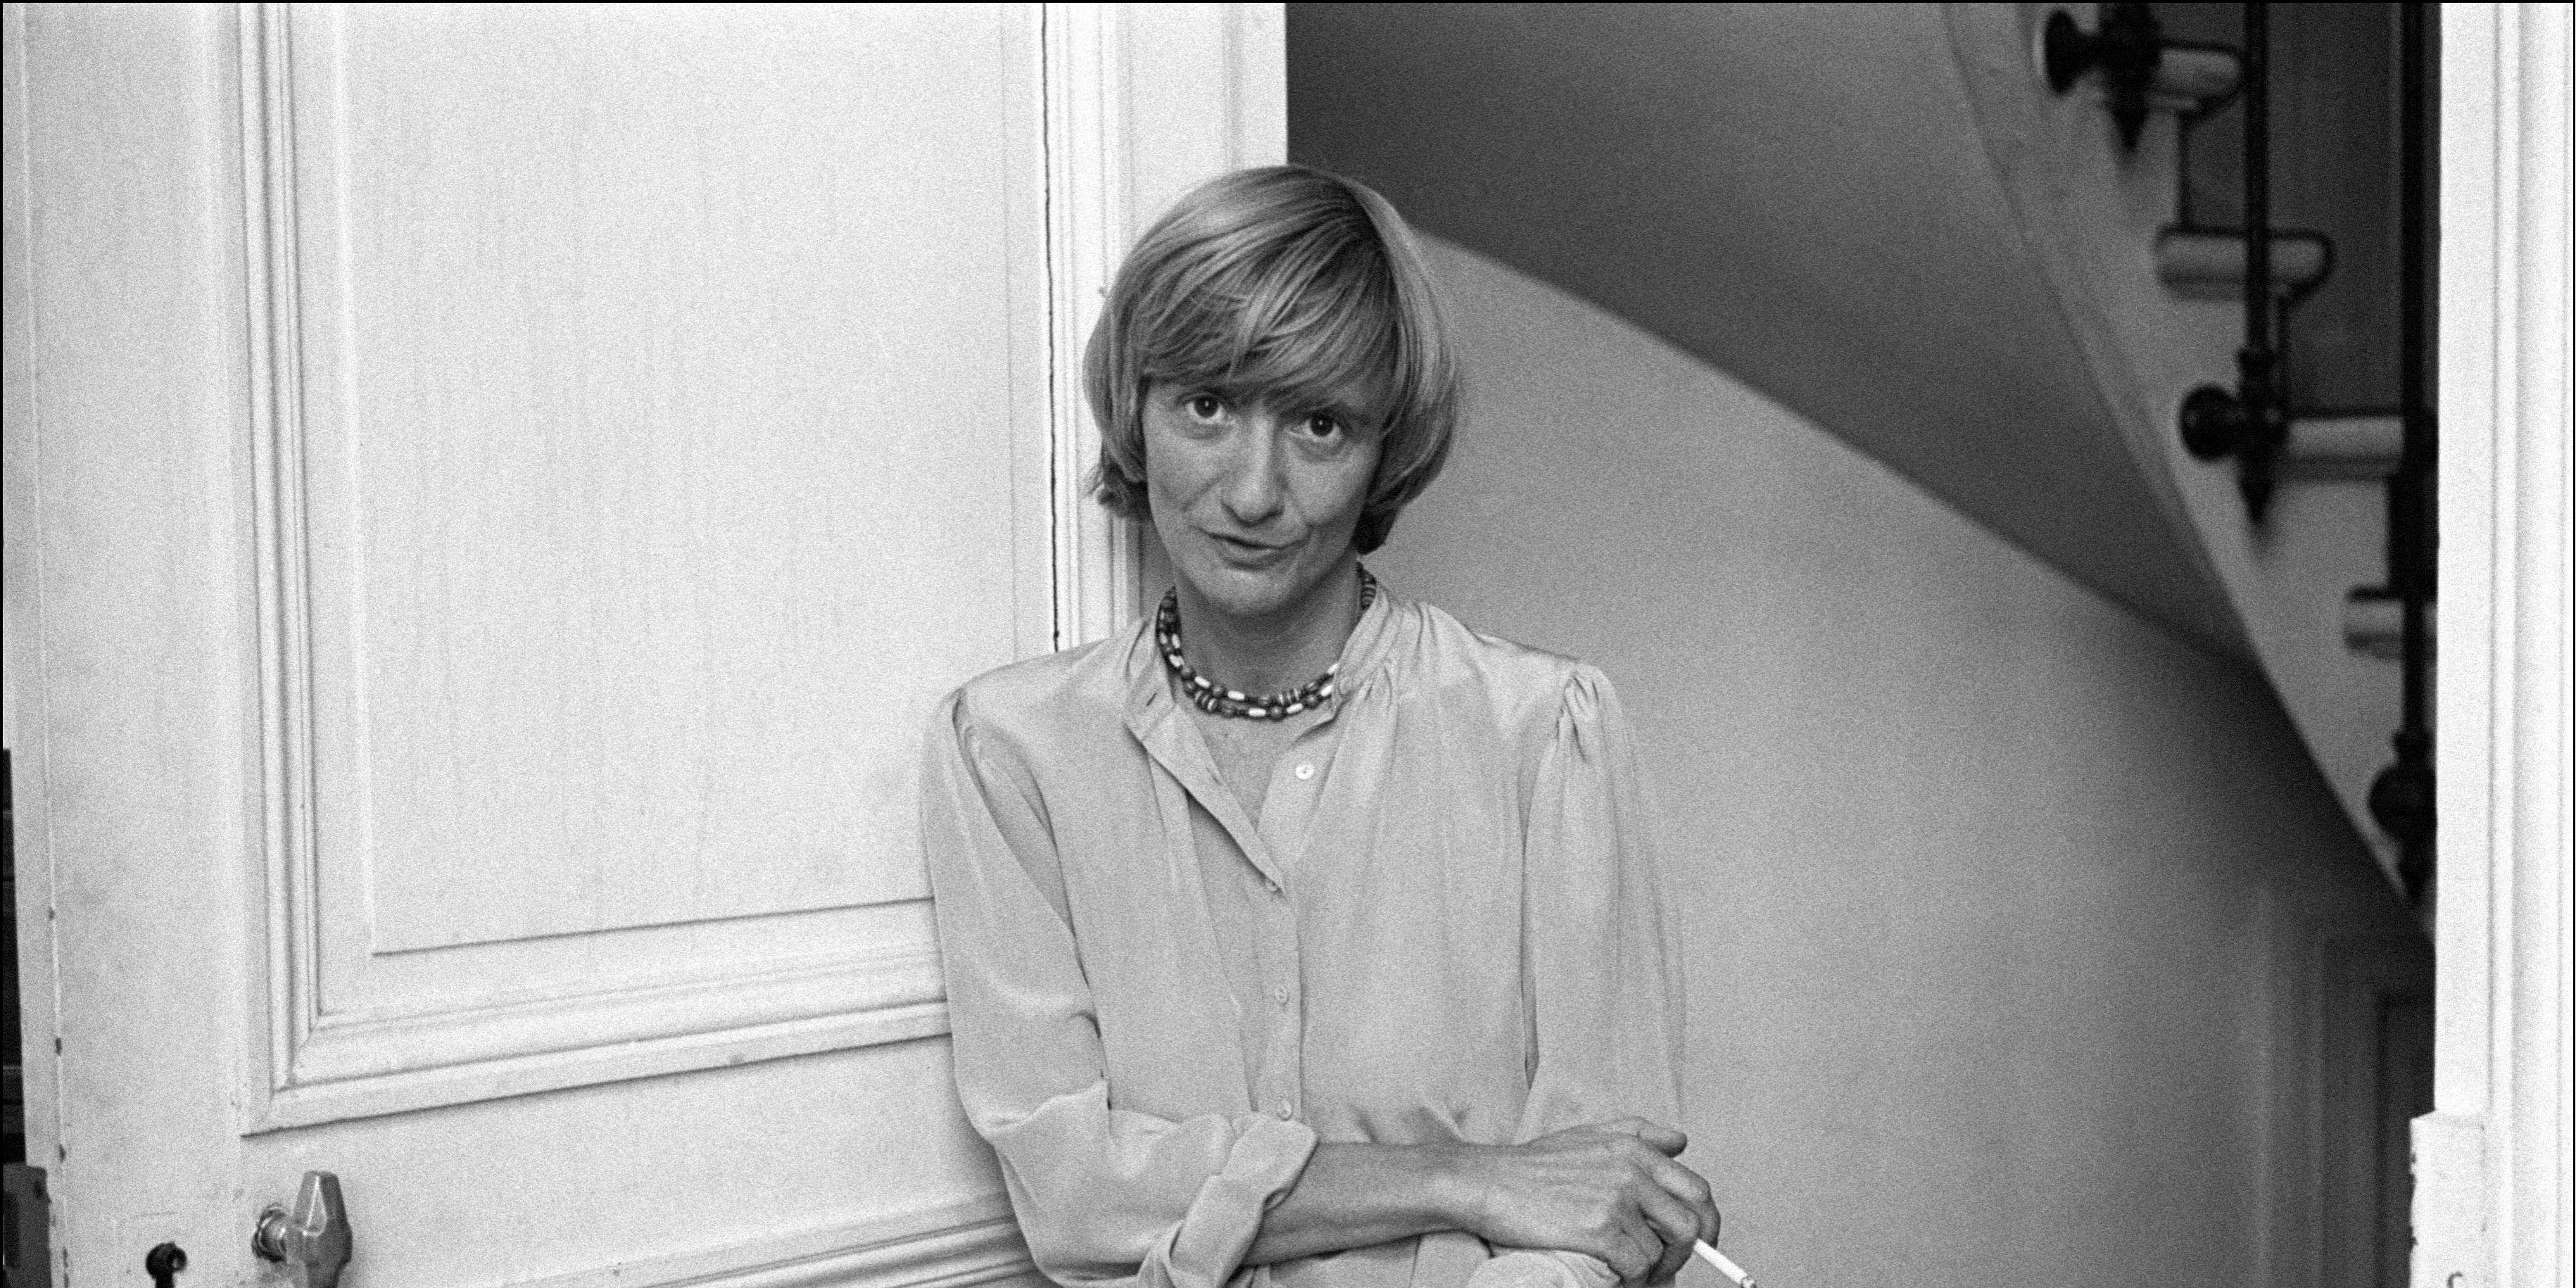 francoise-sagan-iconic-french-author